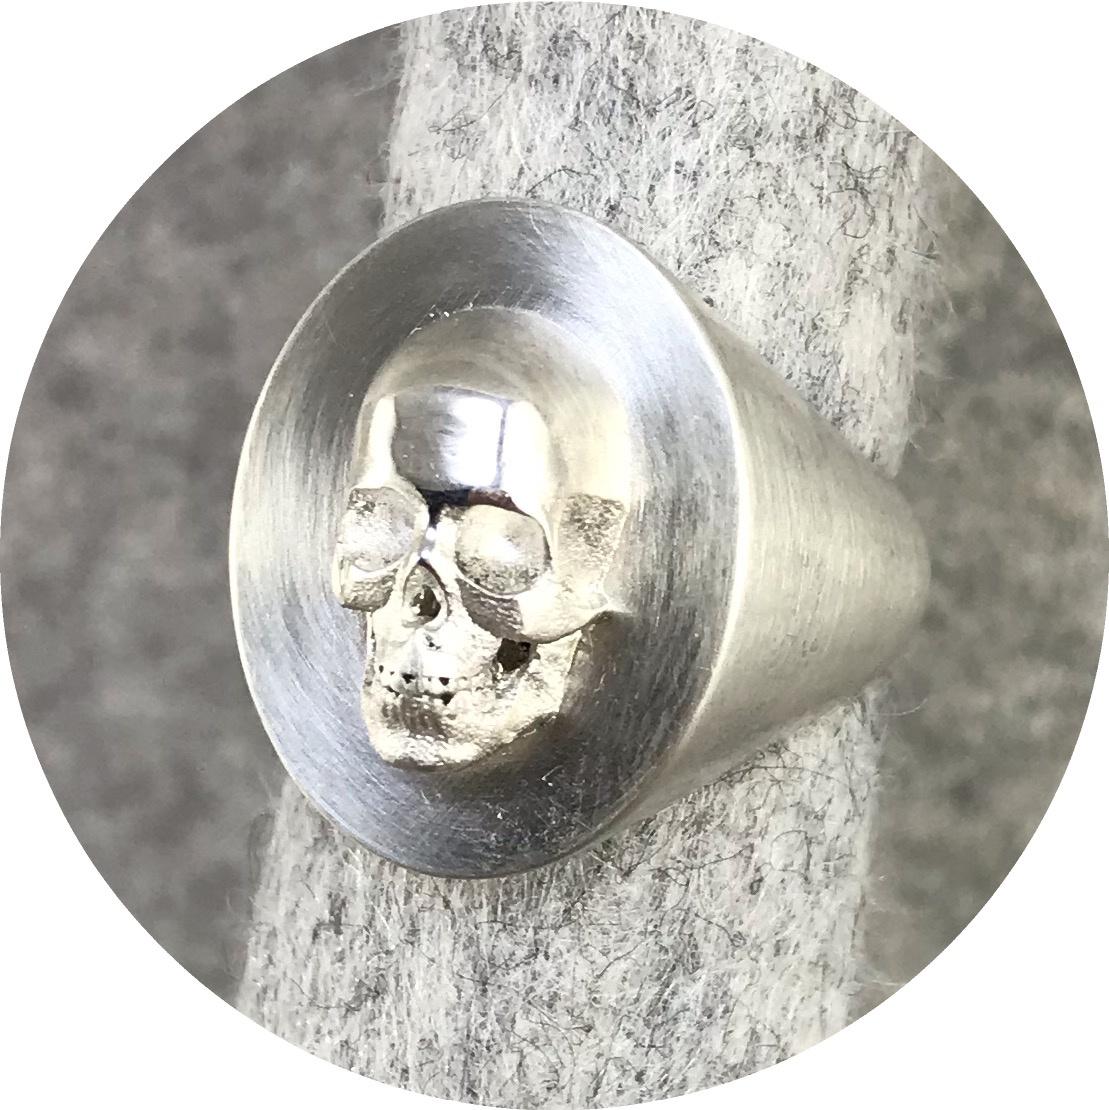 Fin Mahon - 'Skull Signet Ring', 925 silver K